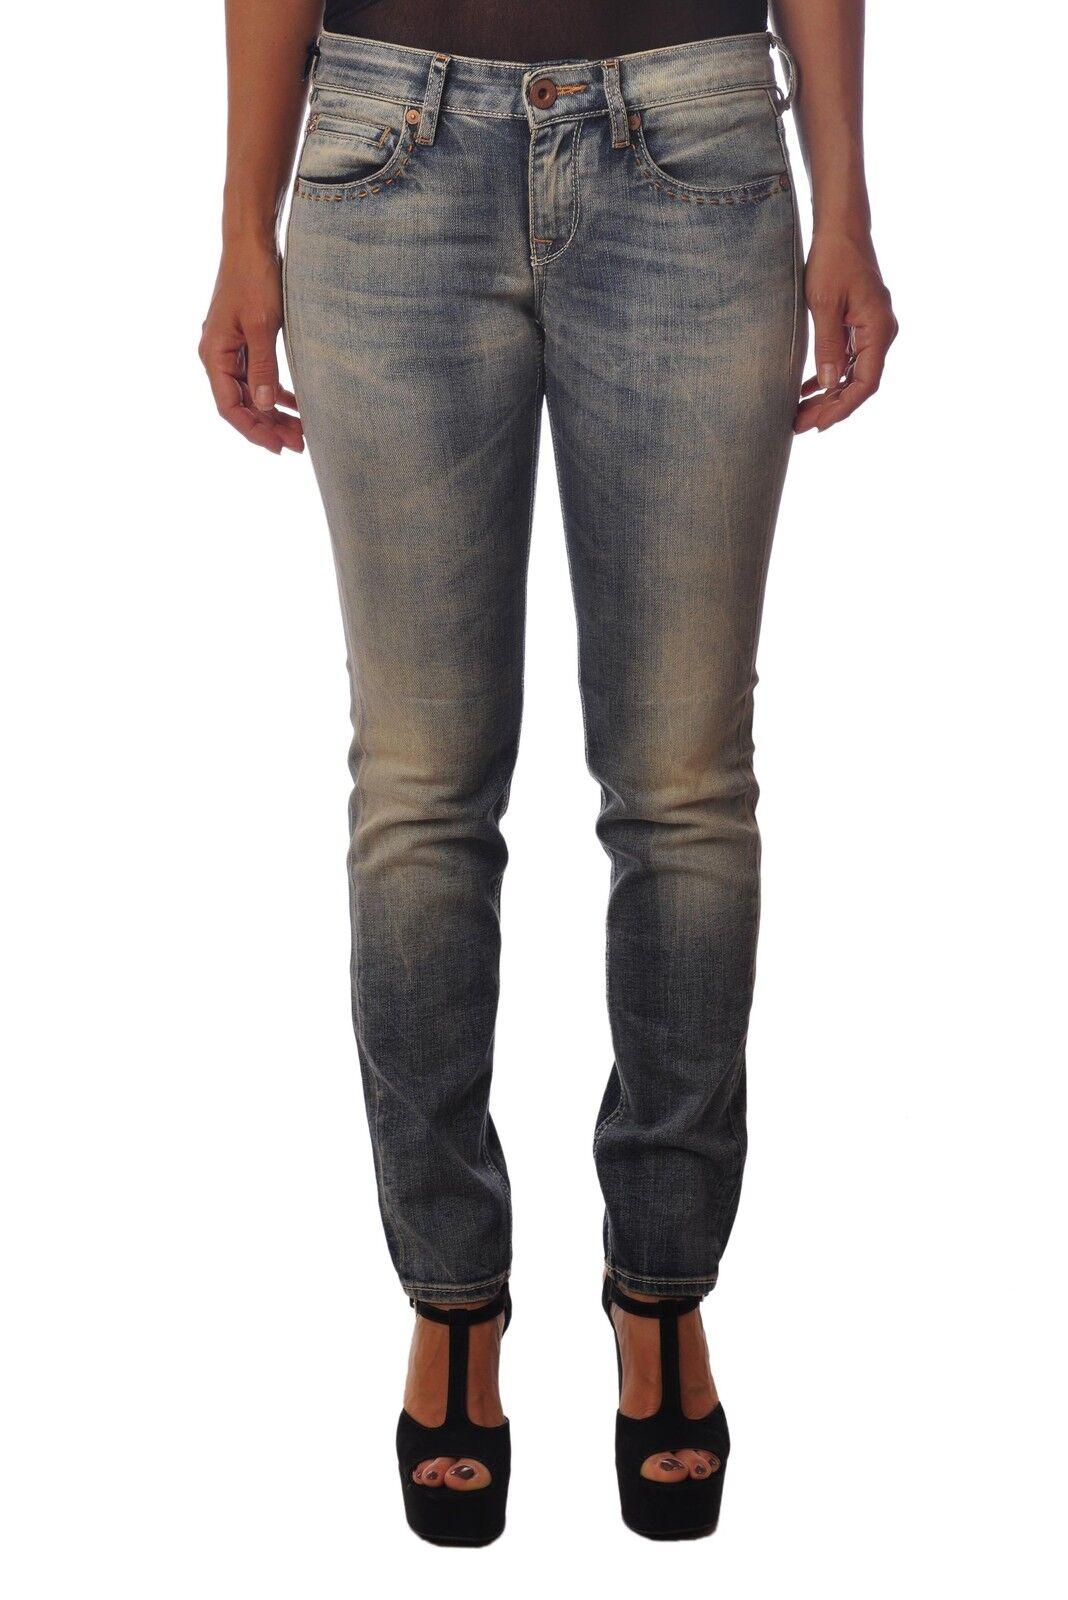 Latinò - Jeans-Pants - Woman - bluee - 3820101L181249